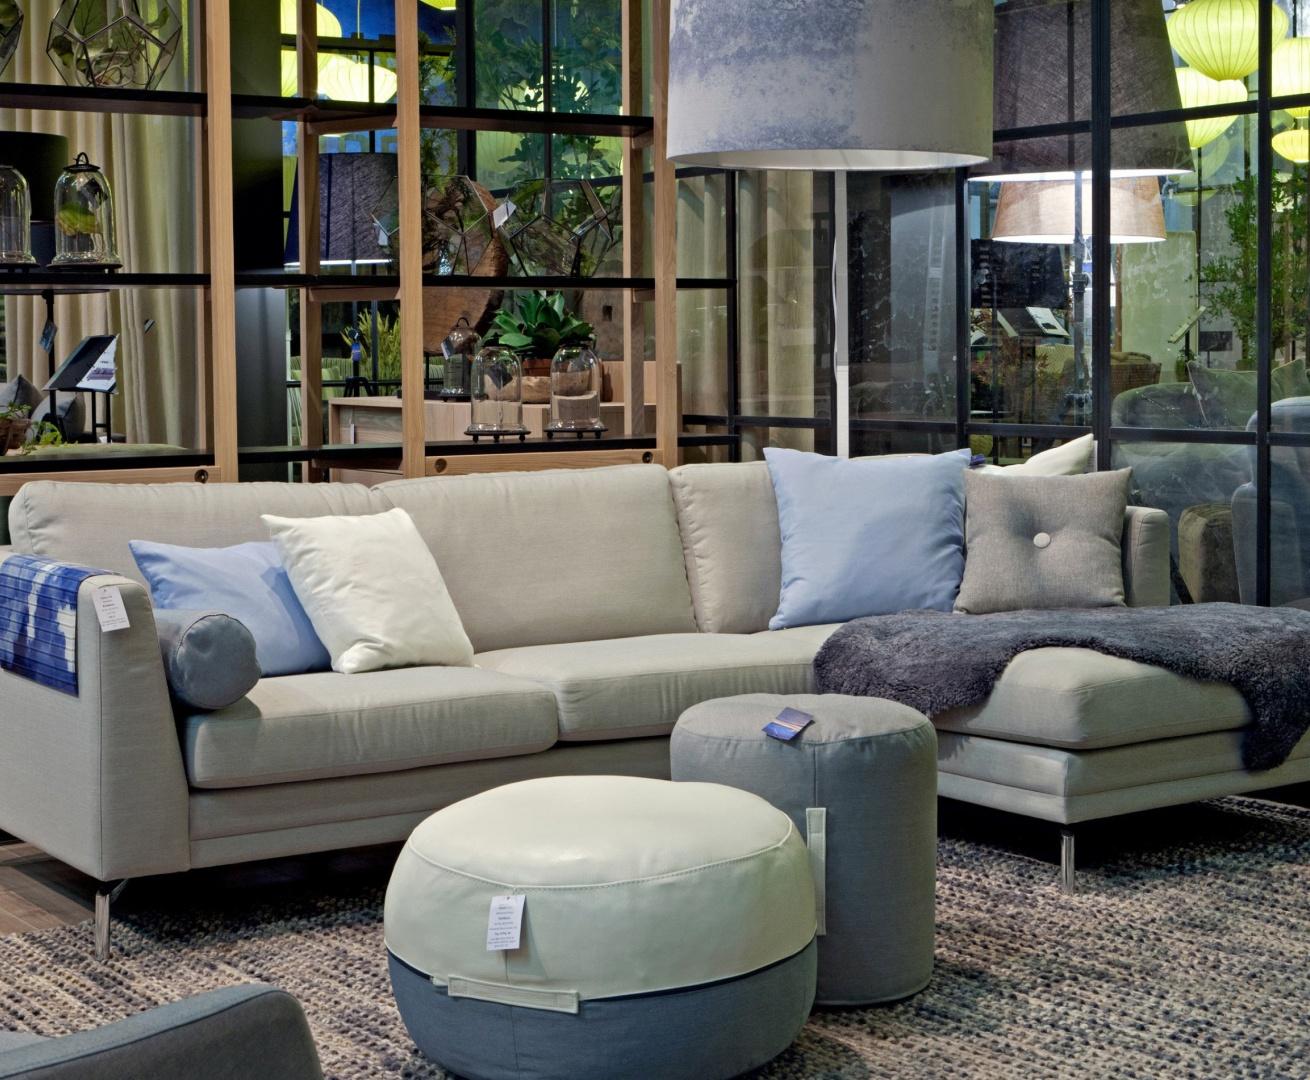 BROADWAY модульный диван 2.5 места + шезлонг 120834